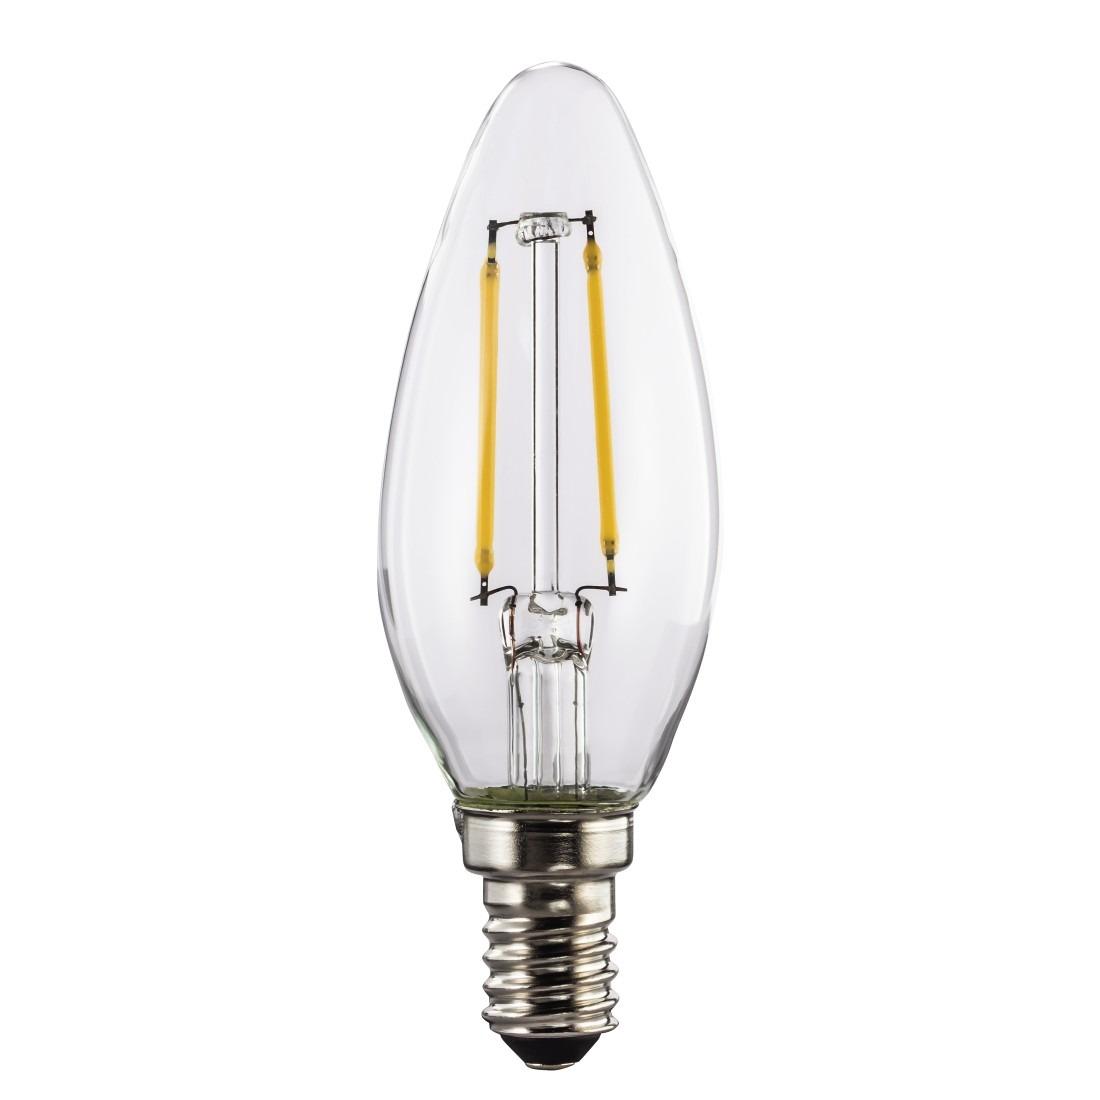 Korting Xavax Led gloeidraad, E14, 250lm vervangt 25W, kaarslamp